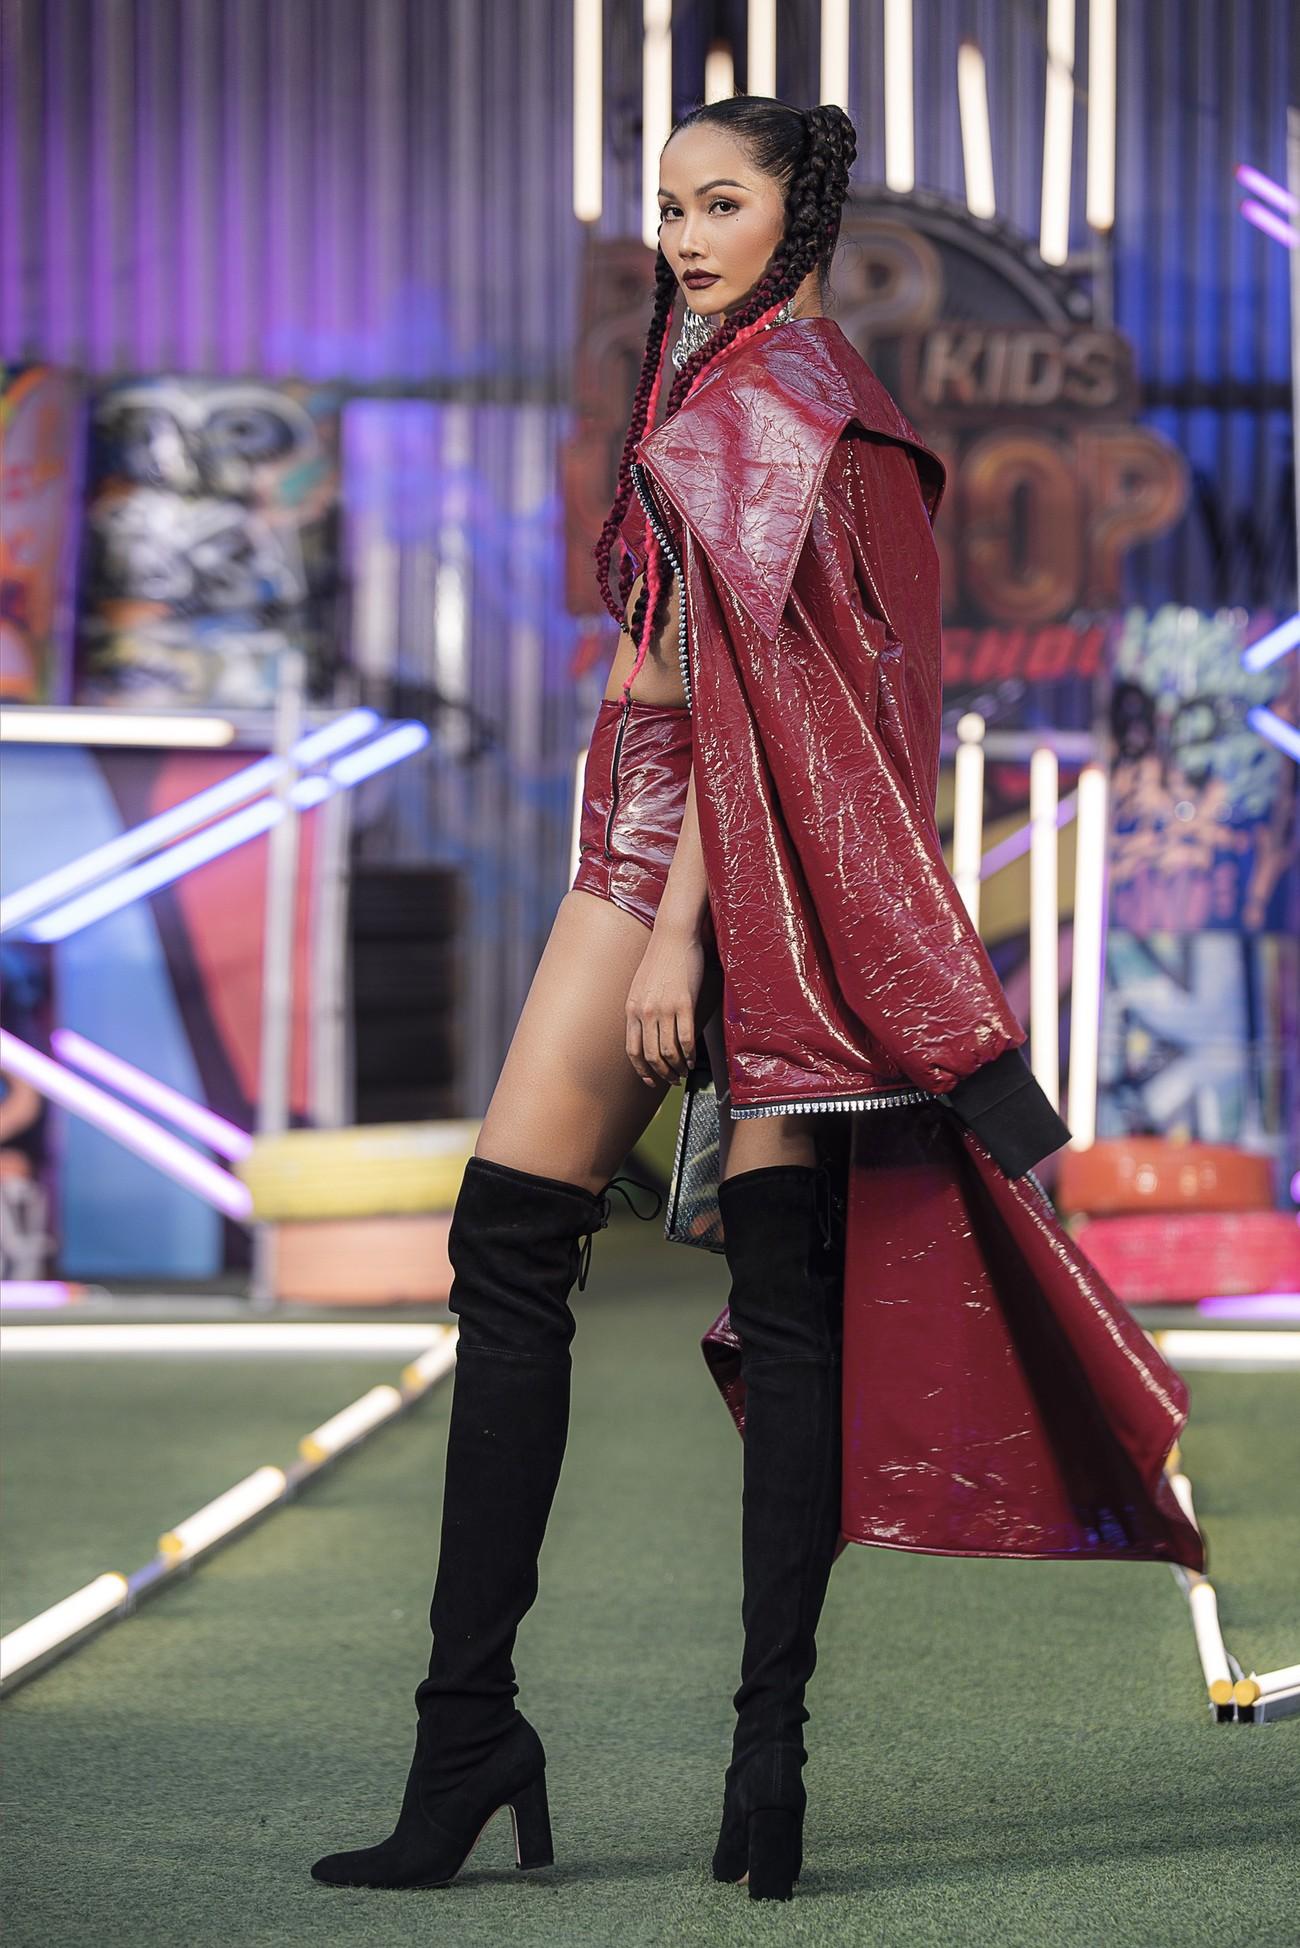 H'Hen Niê tái xuất với phong cách đường phố, mặc áo crop-top khoe hình thể nóng bỏng ảnh 5